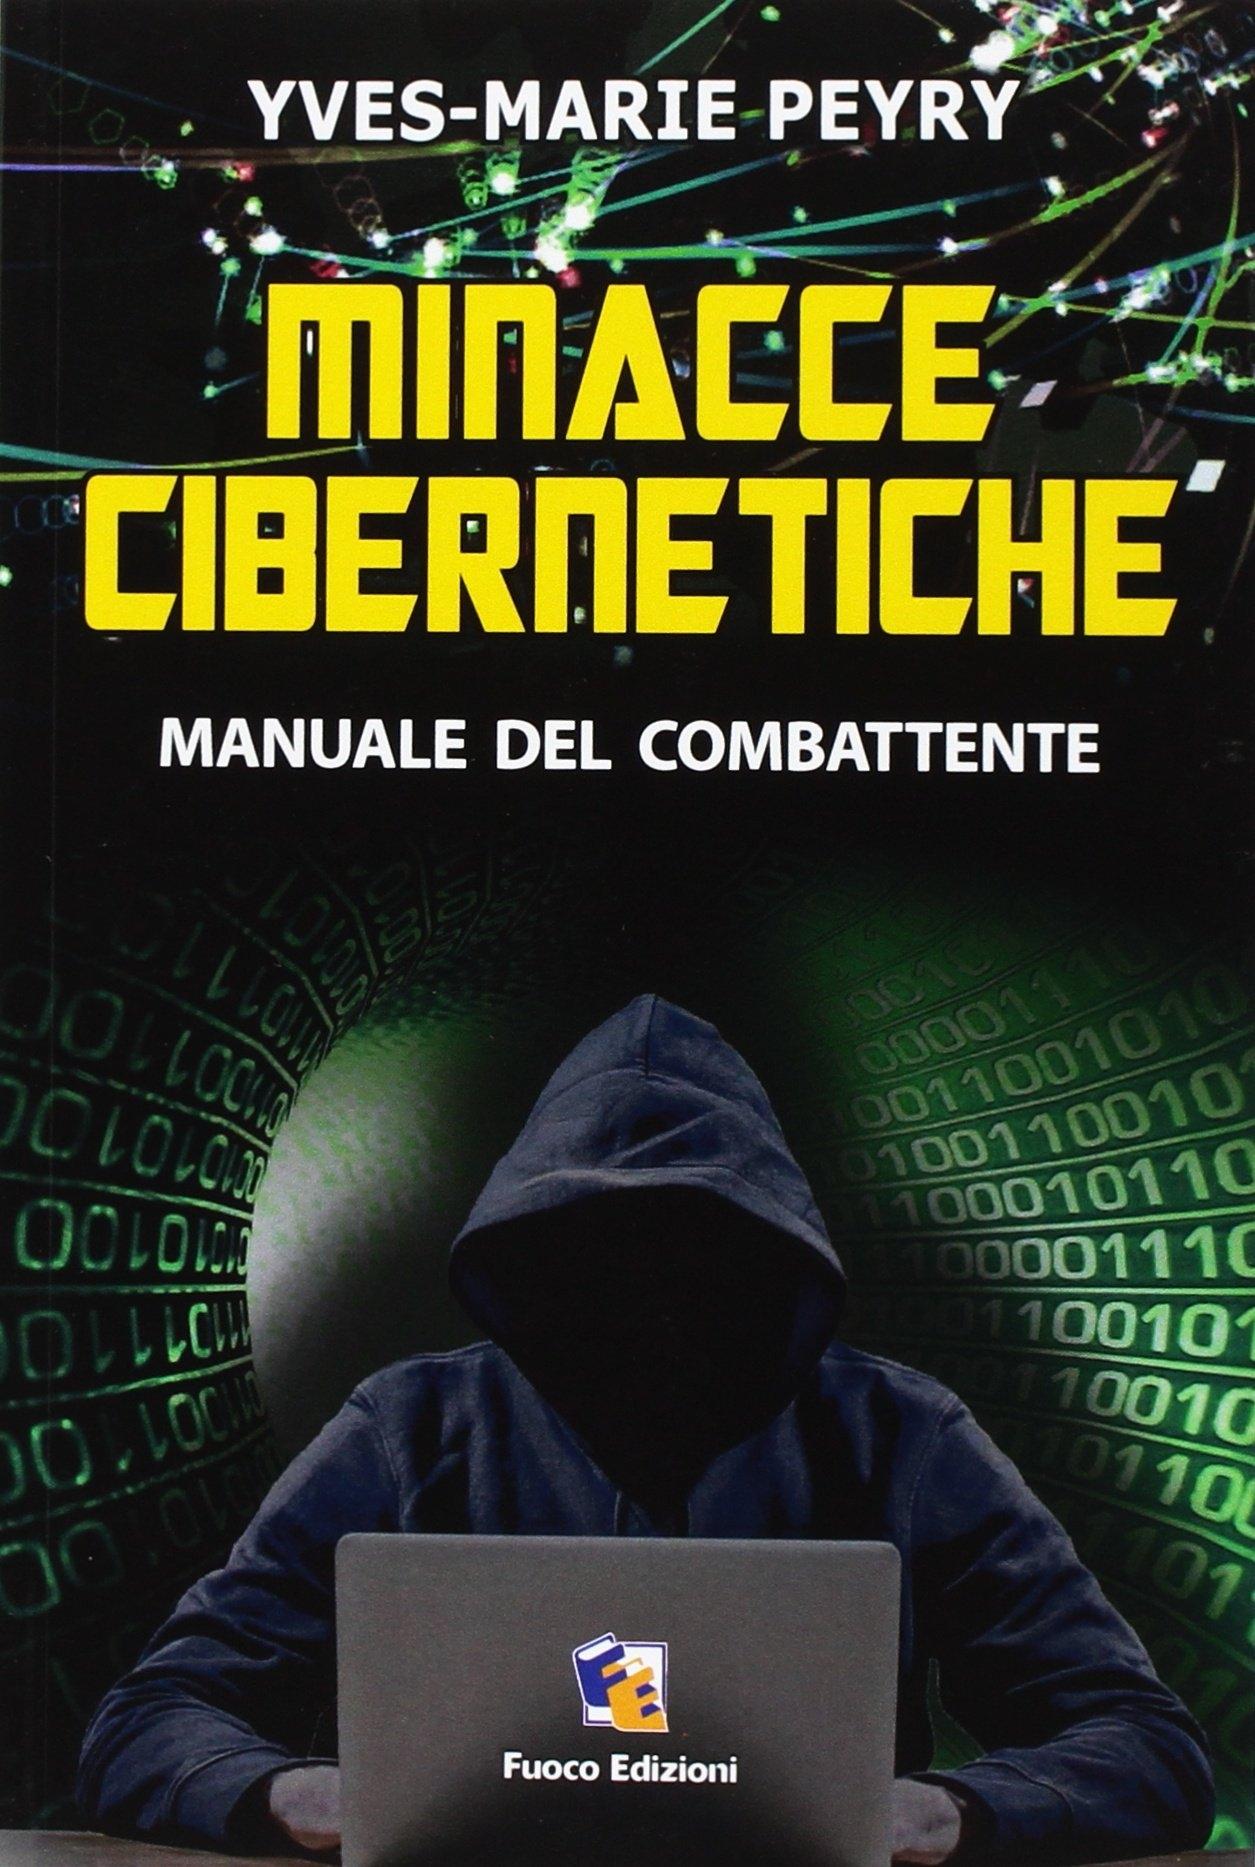 Minacce cibernetiche. Manuale del combattente.